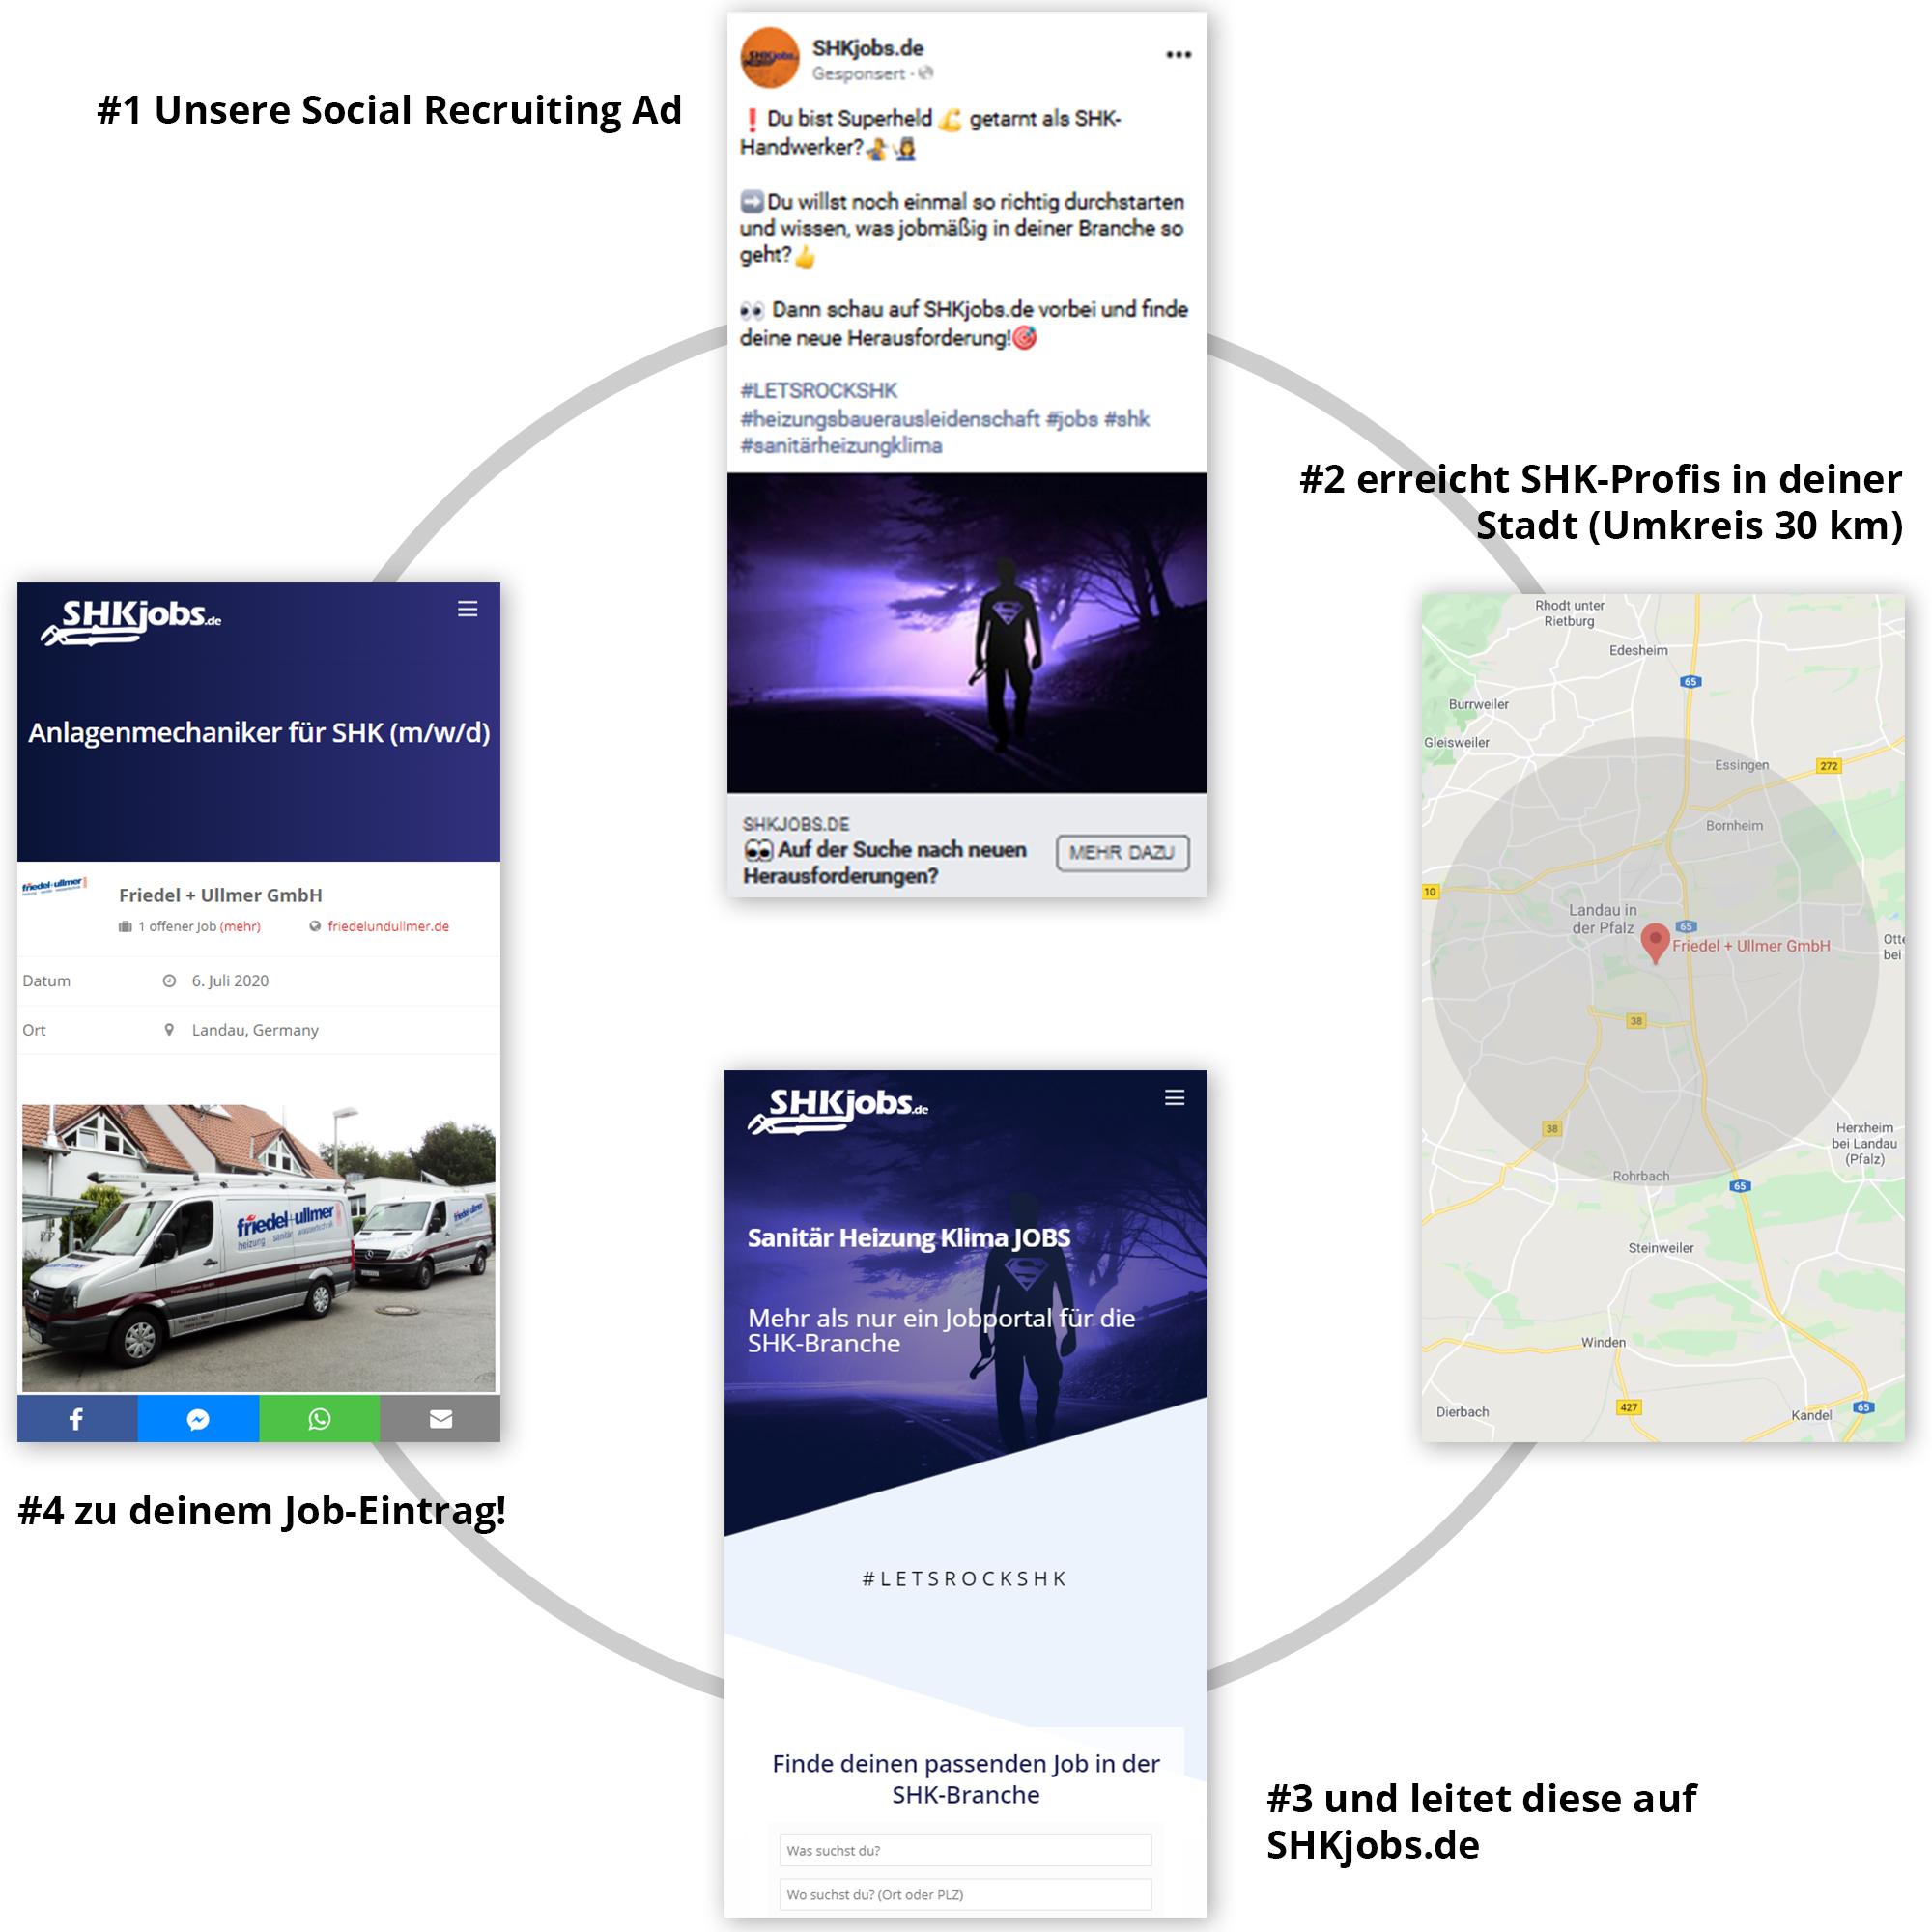 SHKjobs.de Social Recruiting Ad